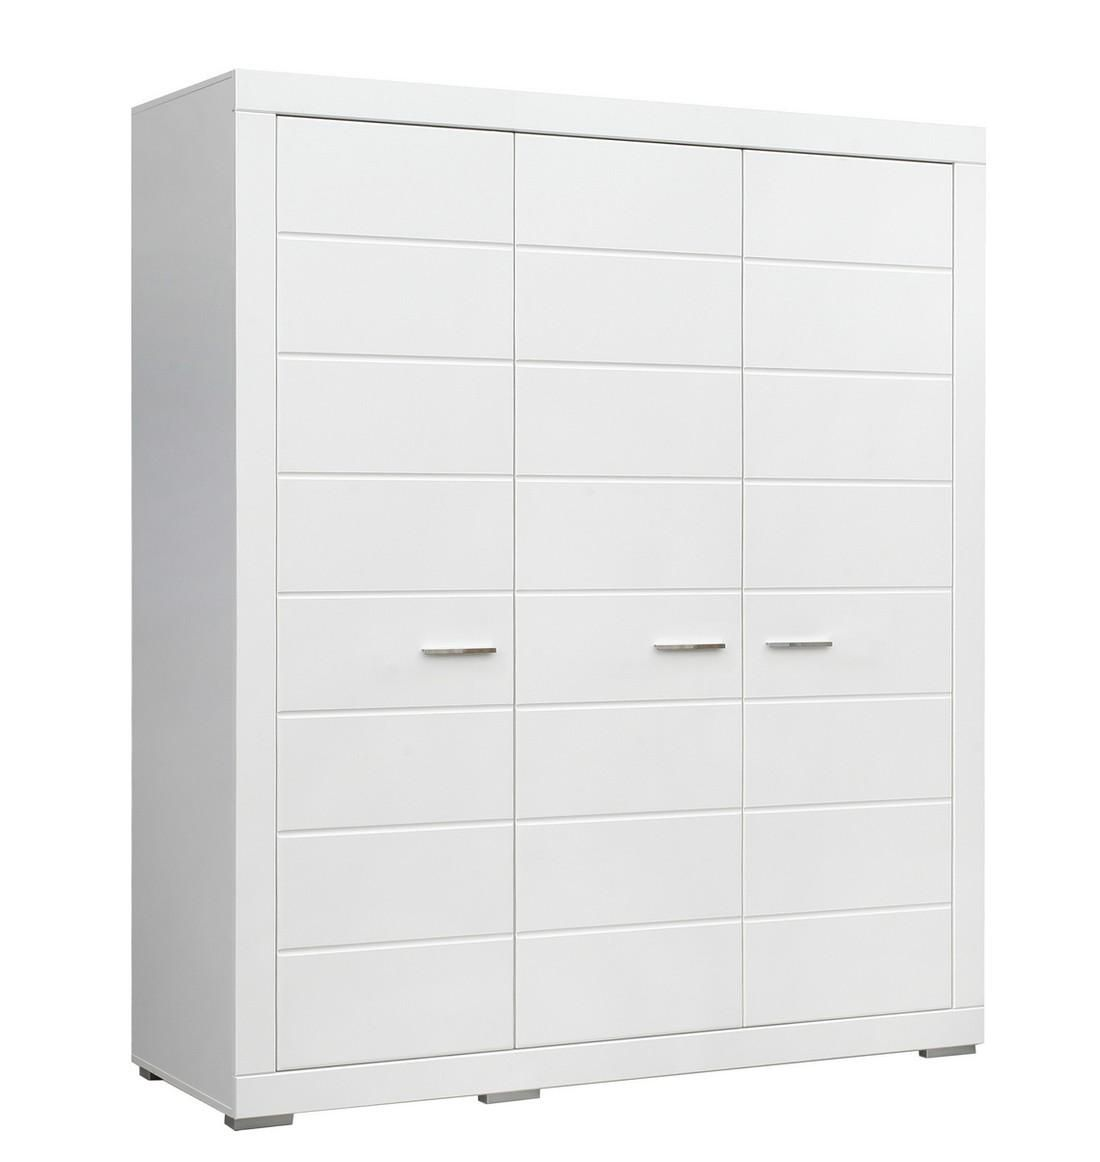 Kleiderschrank Steffi II in der Farbe weiß - zeitlos und unendlich kombinierbar passend zur Jugendzimmerserie Steffi 1 Kleiderschrank mit 3 Türen 6 Ablageflächen 1... #kinder #jugendzimmer #kleiderschrank